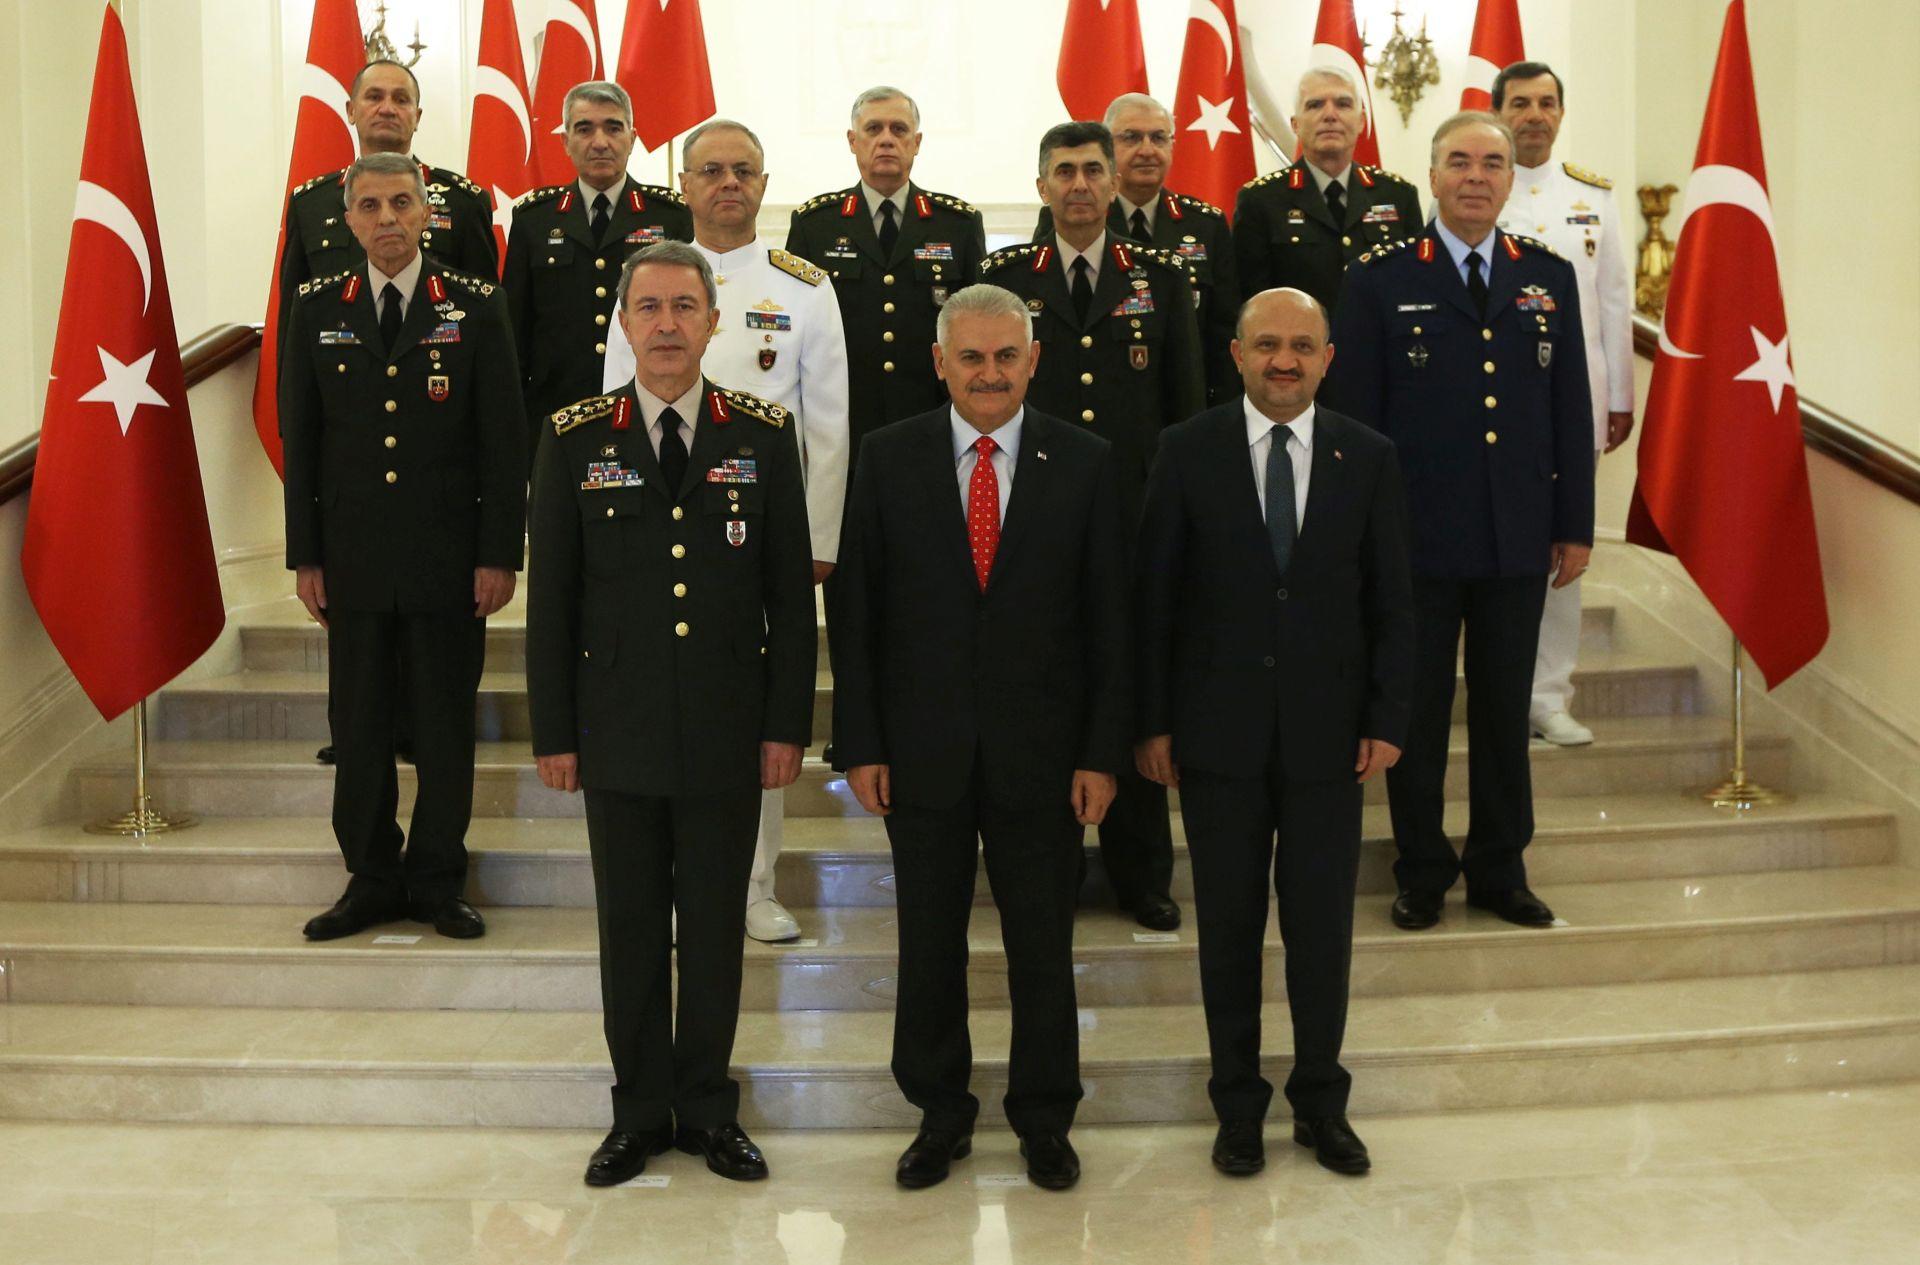 NADZOR ORUŽANIH SNAGA: Erdogan želi kontrolirati vojsku